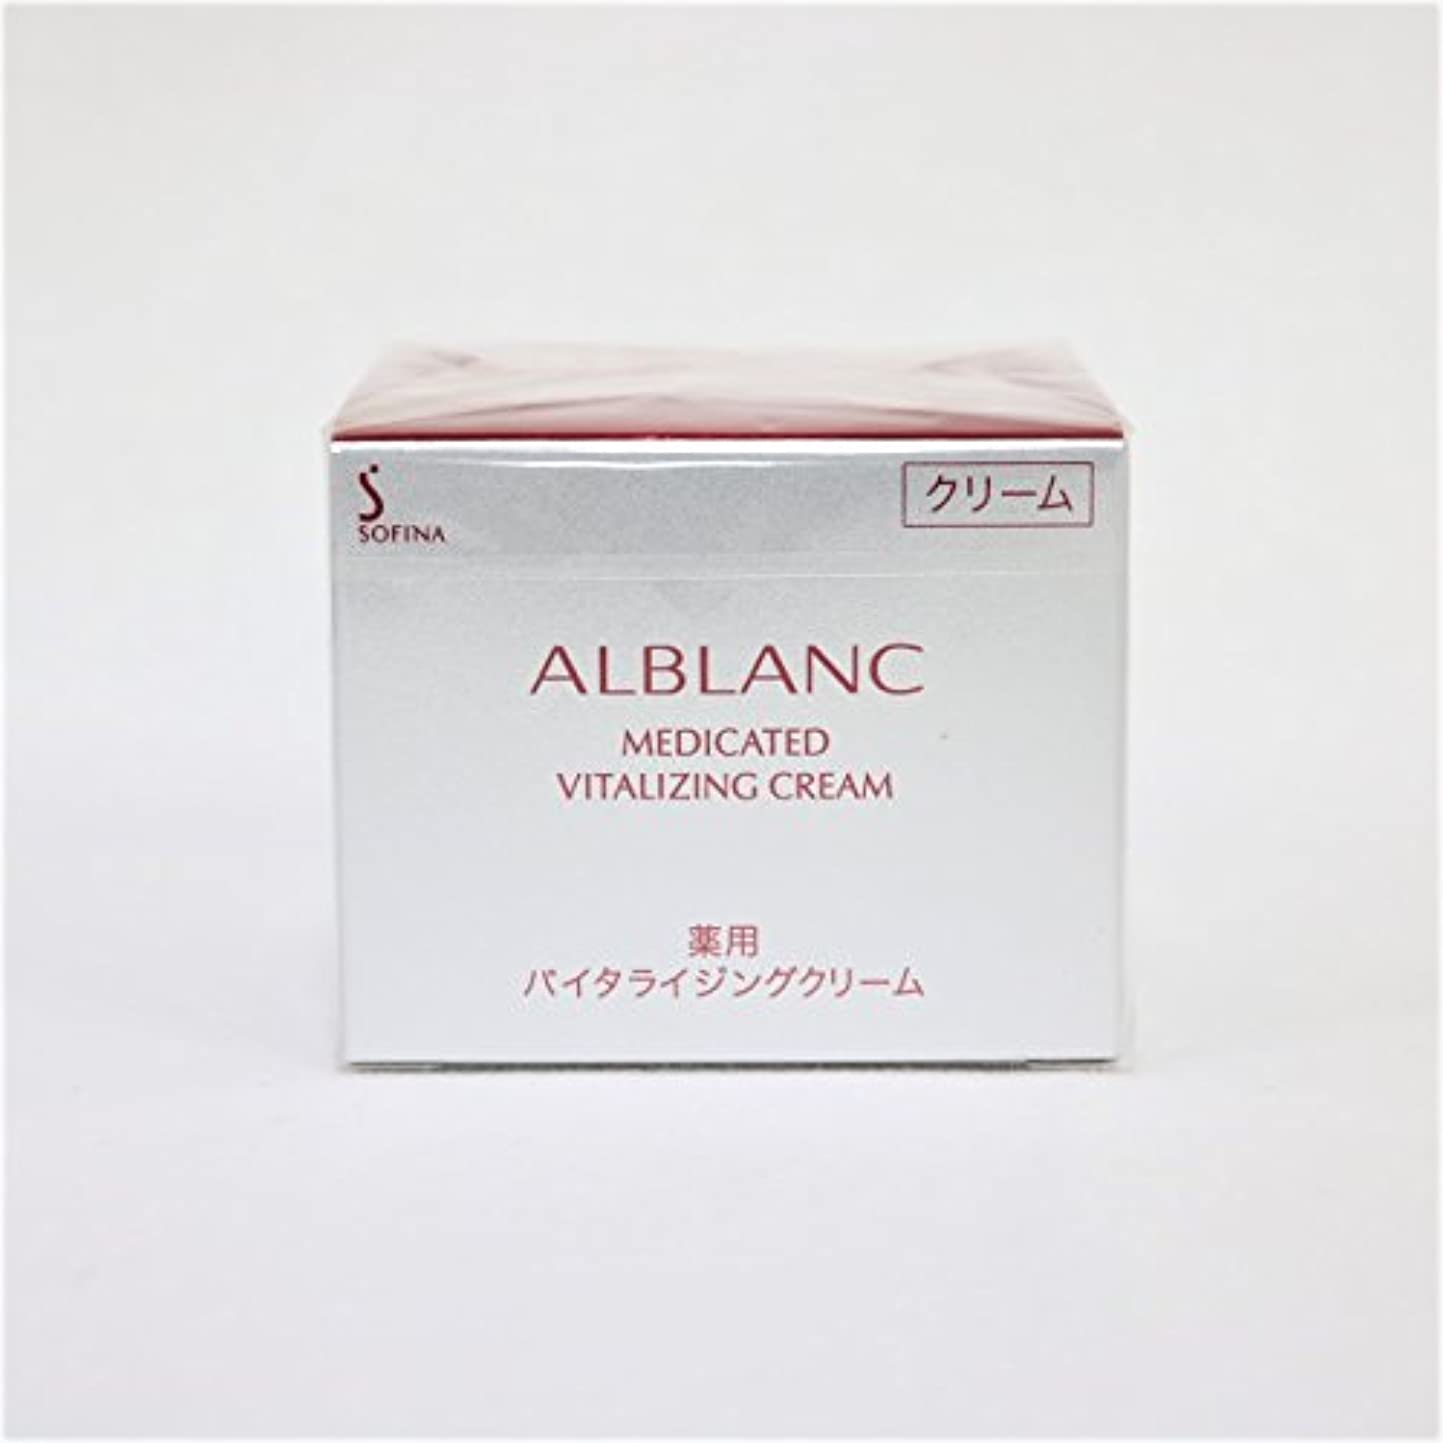 女将栄光疲れたソフィーナ アルブラン 薬用バイタライジングクリーム 40g